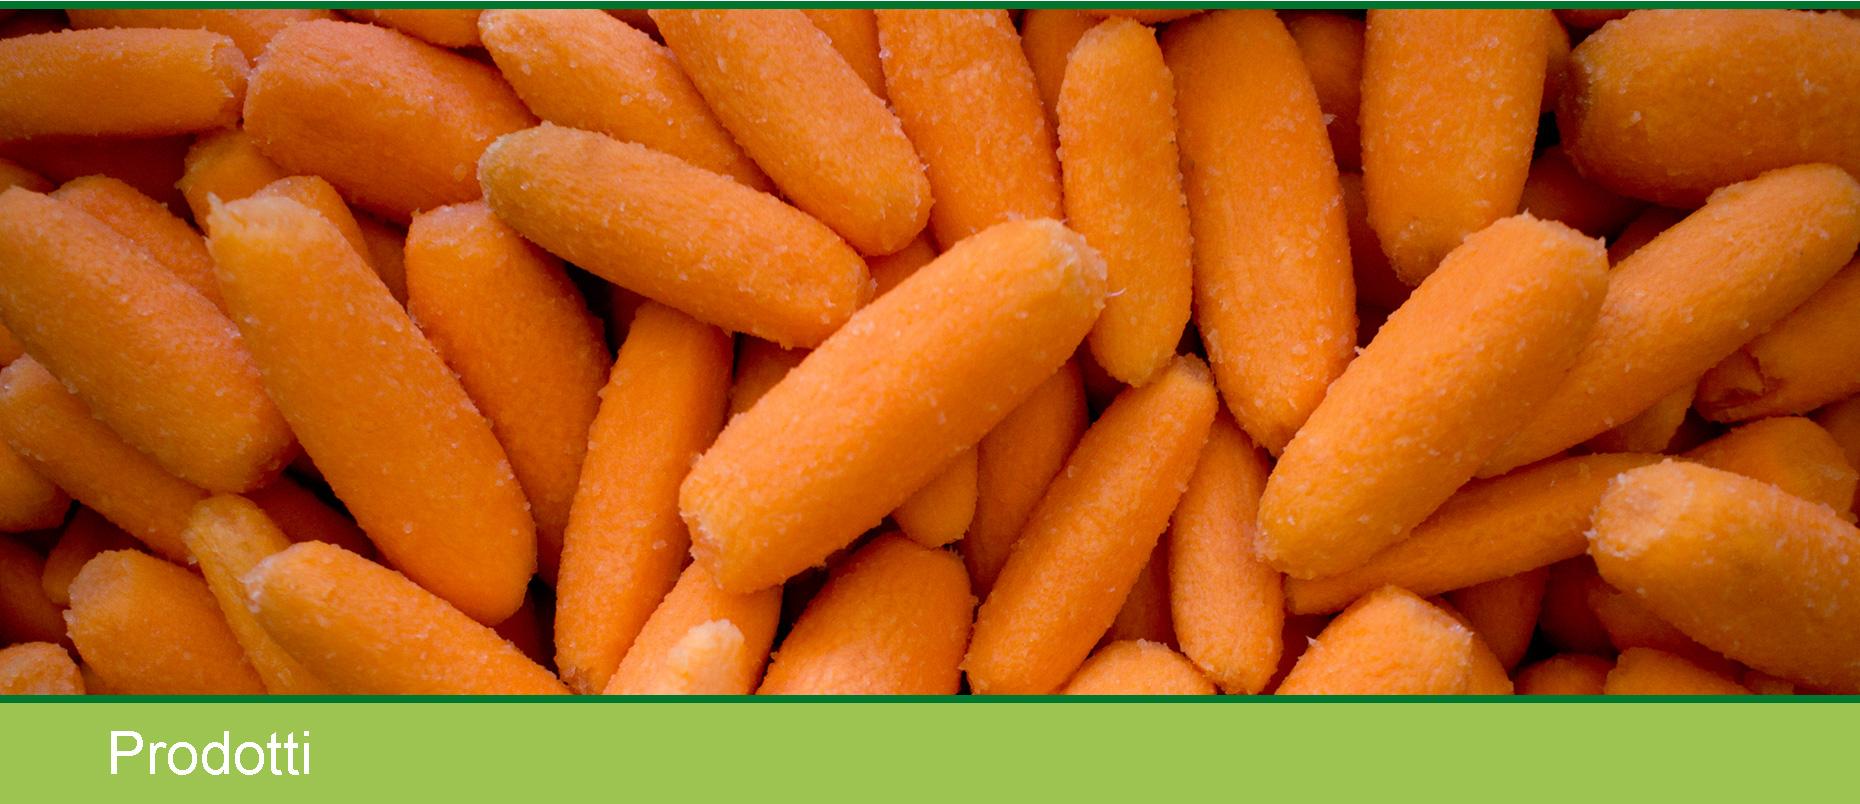 Guarda le verdure prodotte e lavorate direttamente dalla nostra azienda